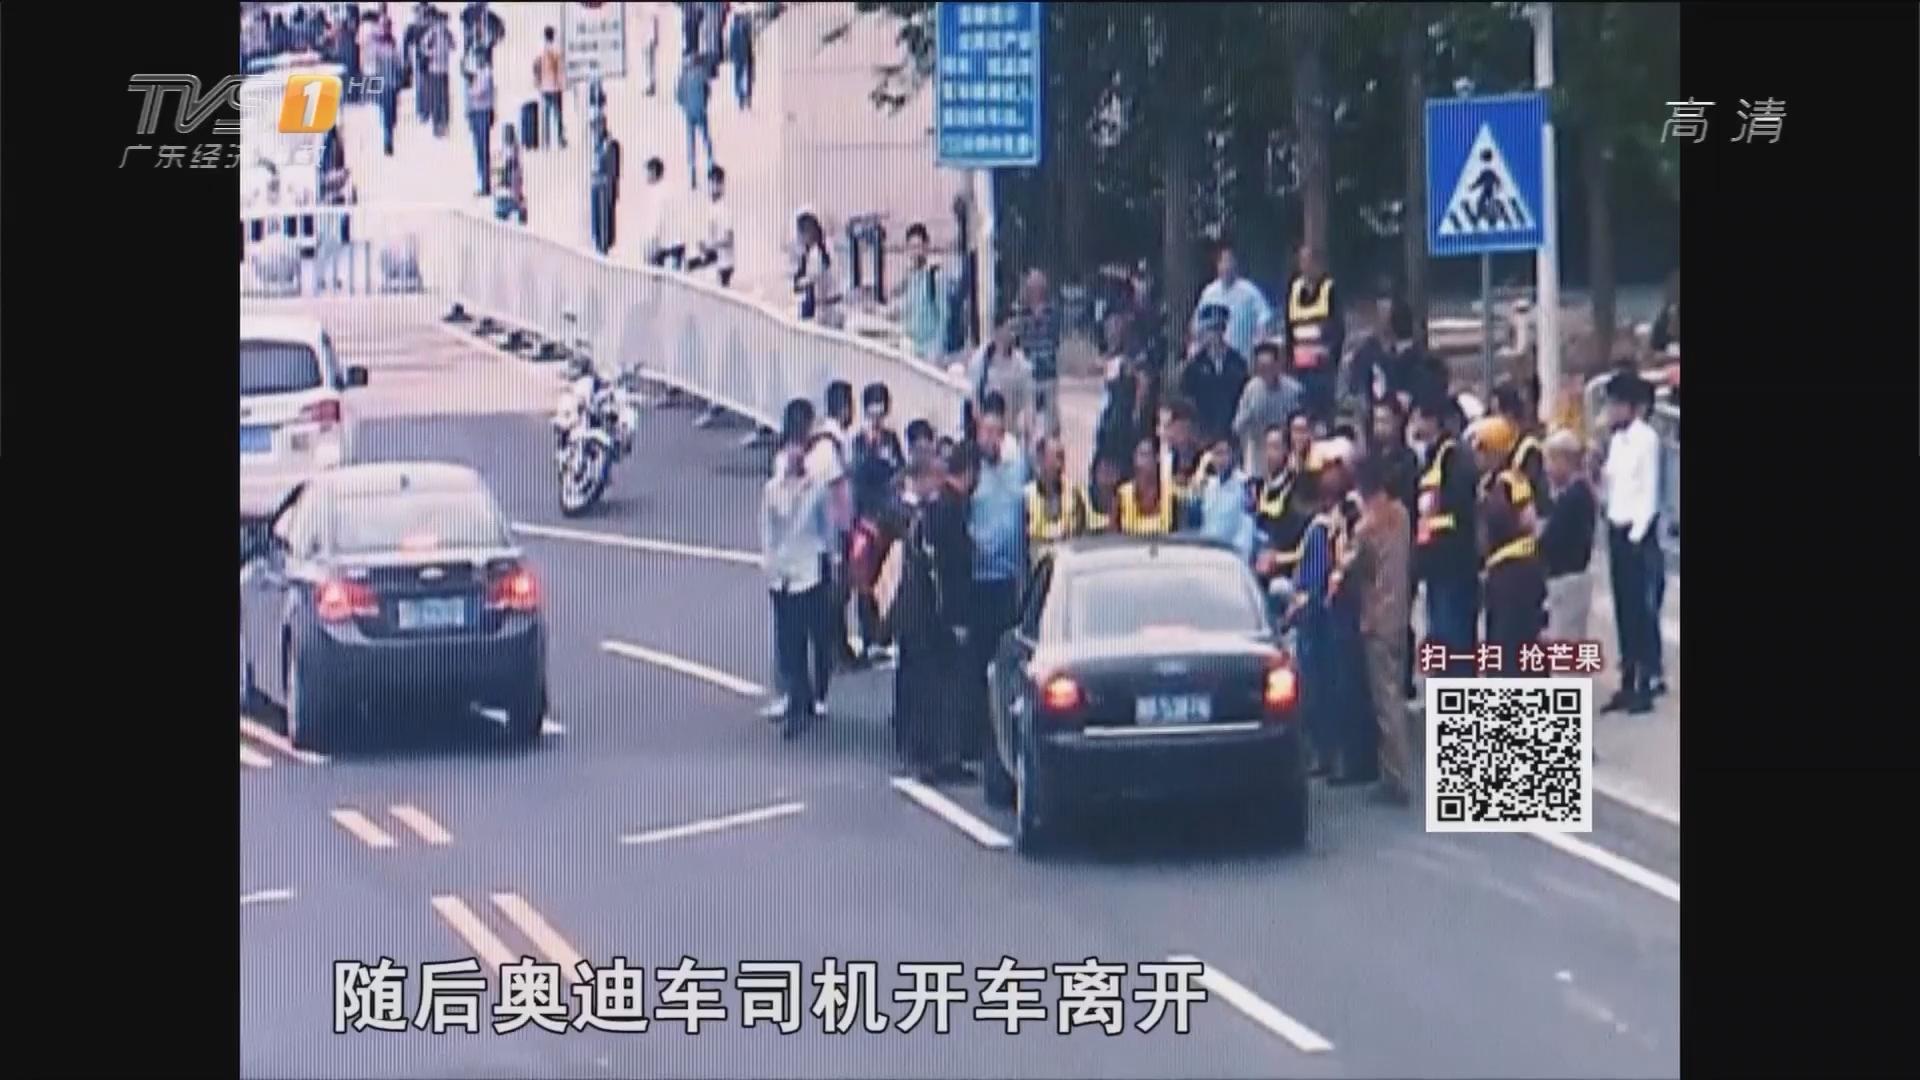 惠州:男子违停被拍照 竟将交警打倒在地